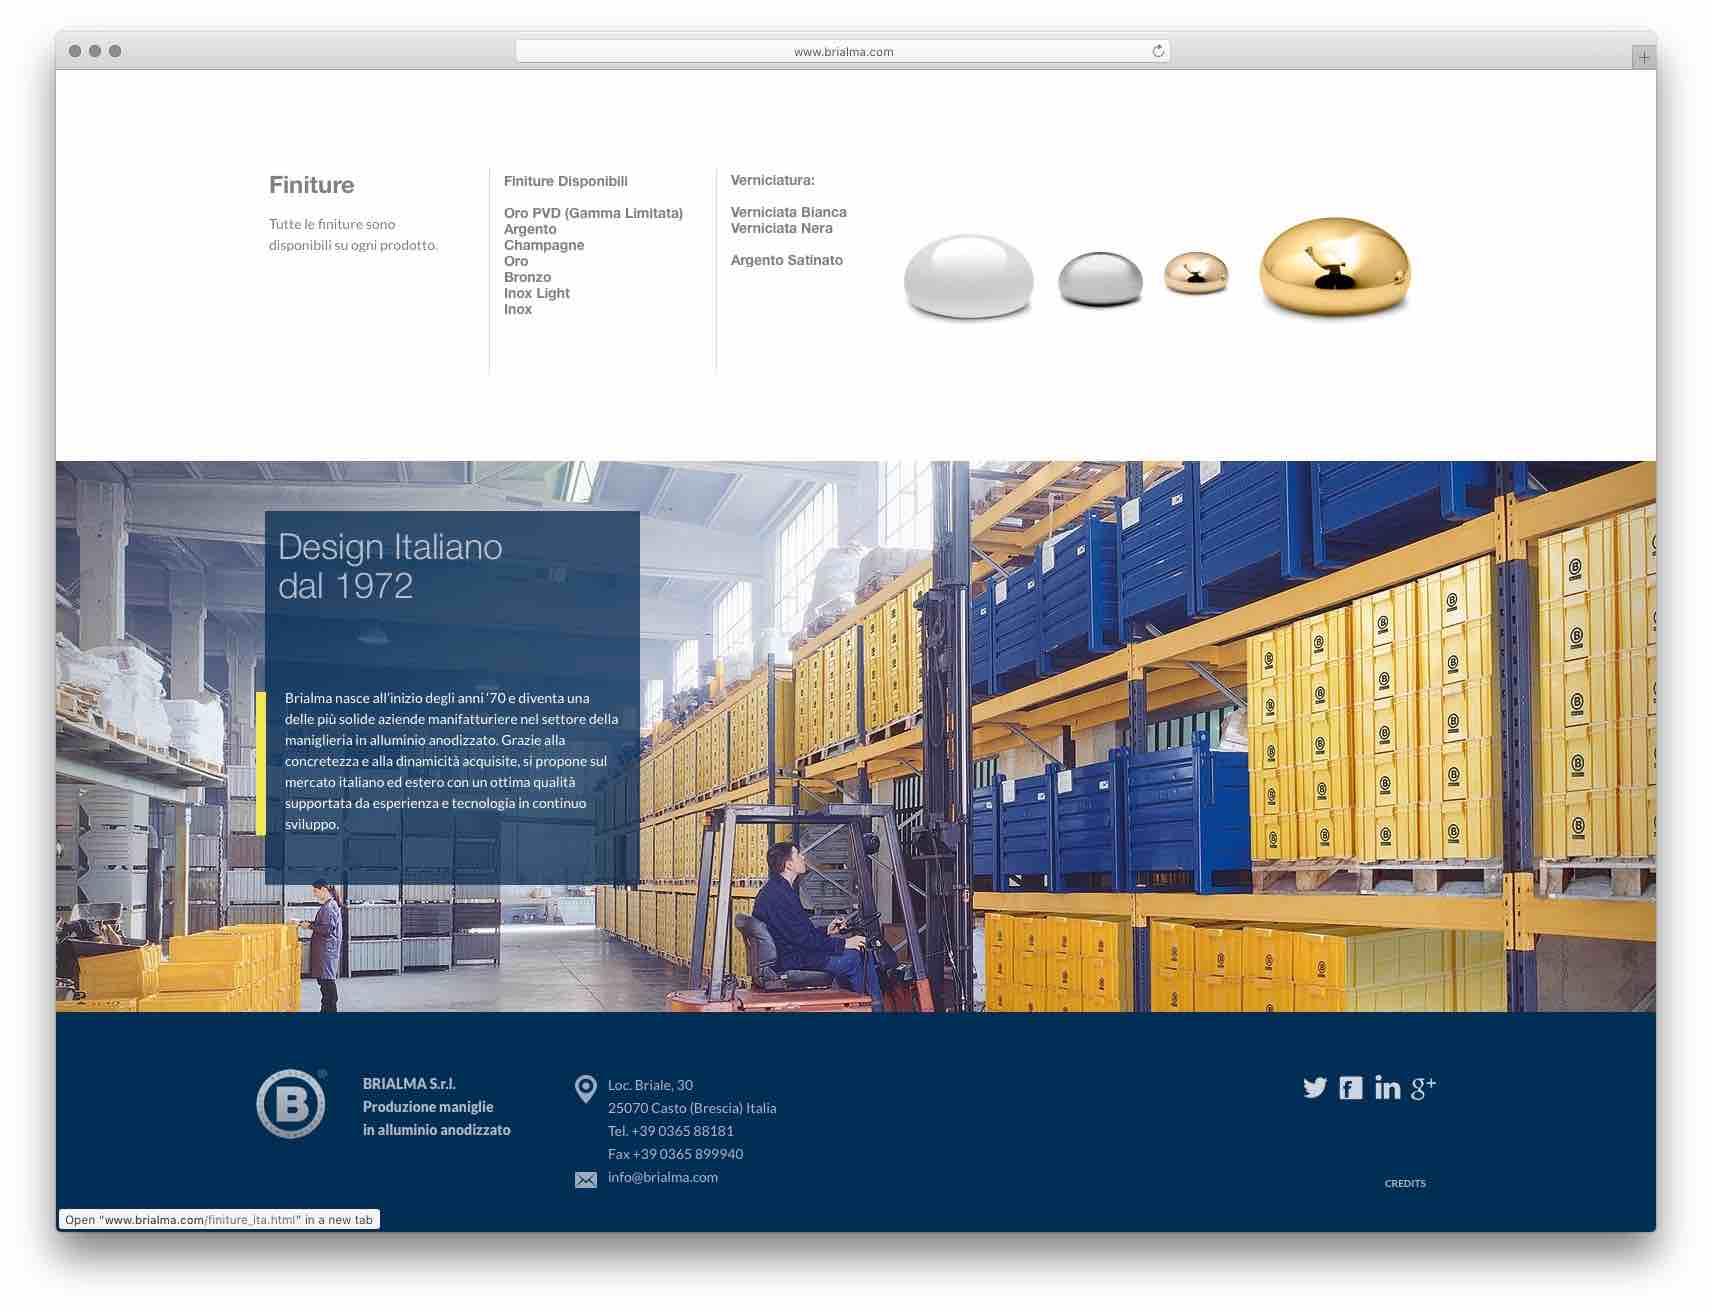 creazione siti web Brescia - sito web Brialma